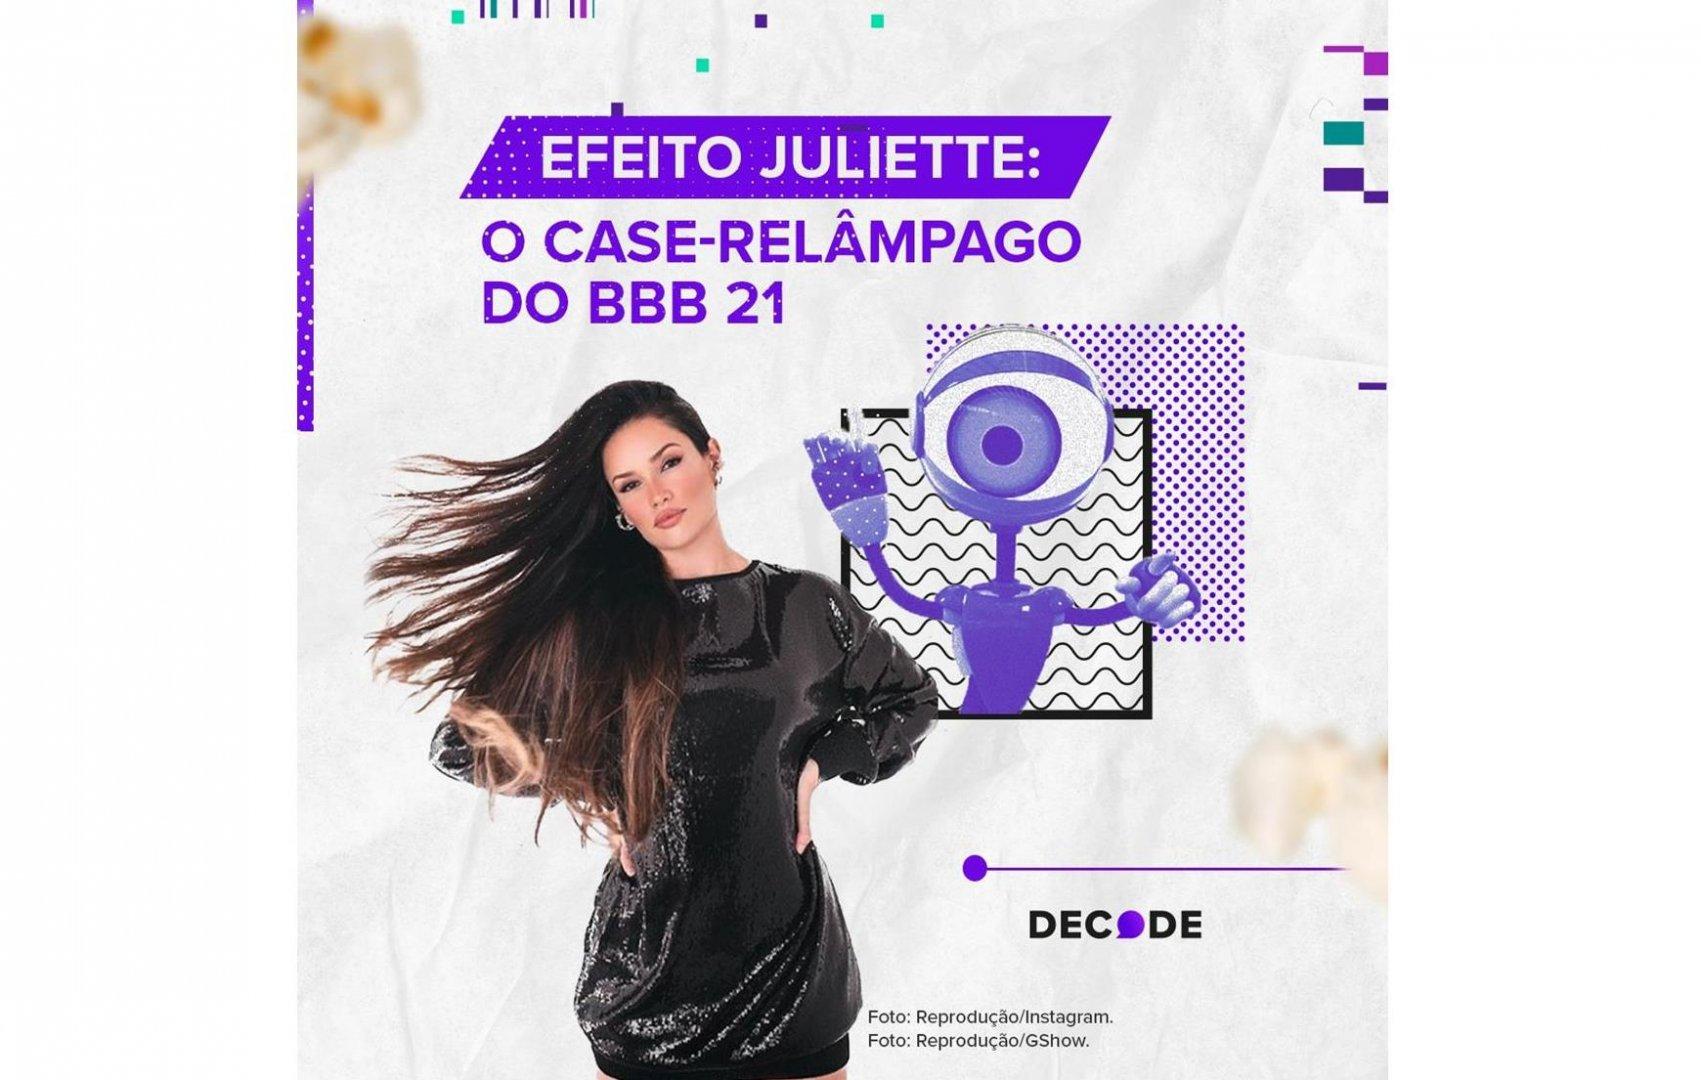 Juliette Freire, a BBB-fenômeno das redes sociais, tem crescimento de 14.074% em número de seguidores